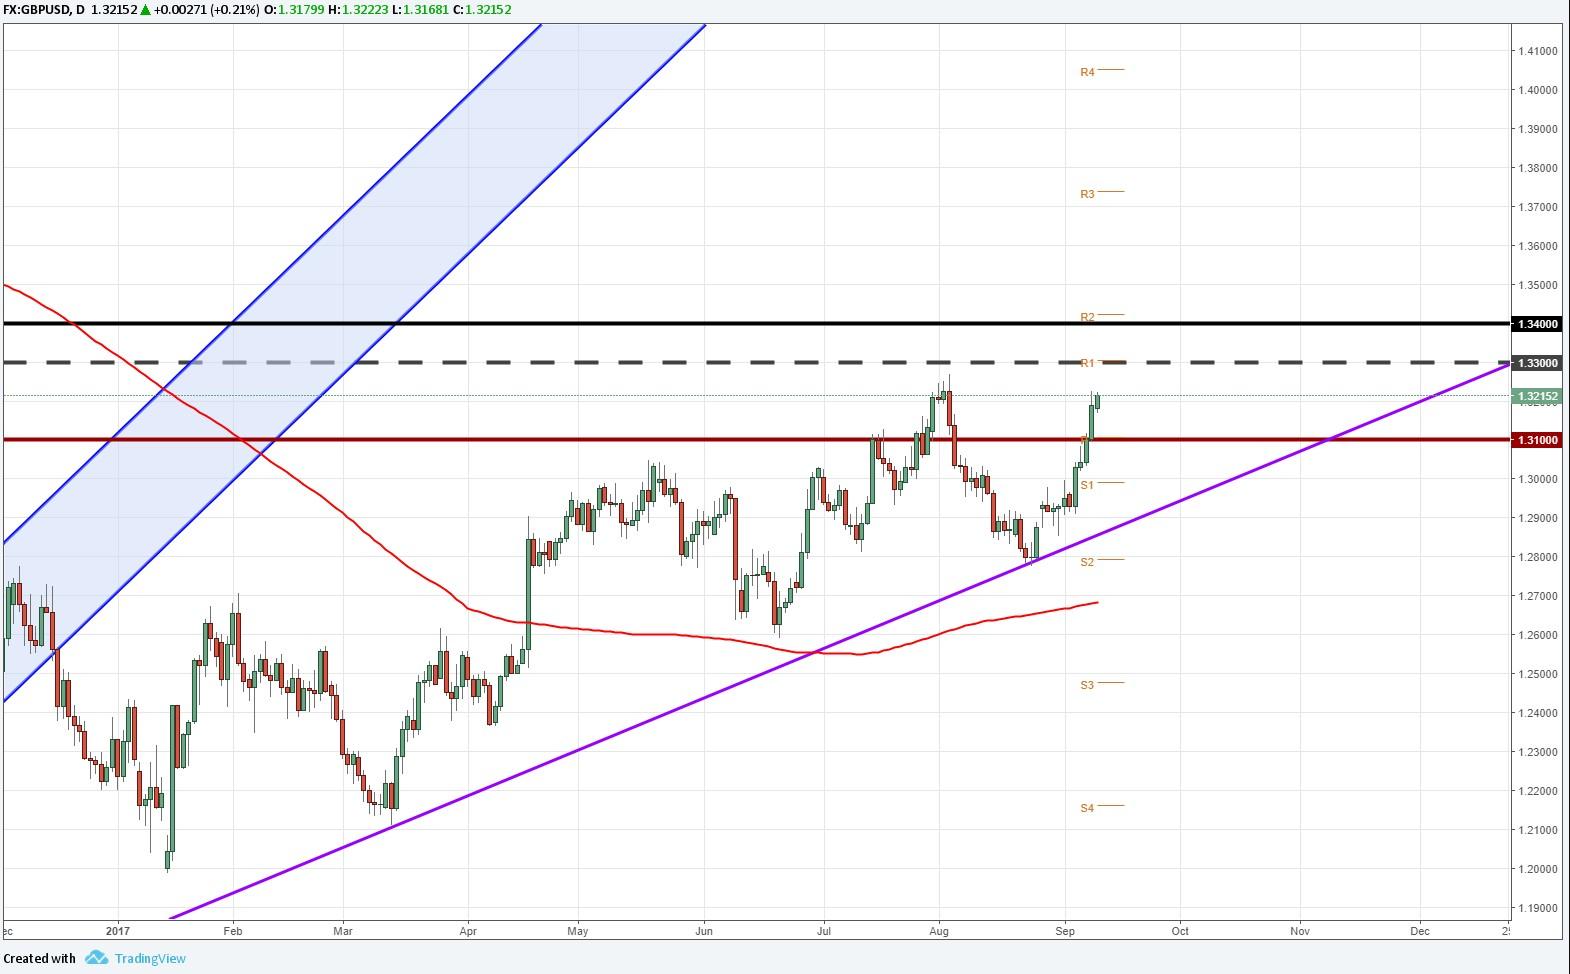 GBP/USD se prepara para el IPC y la decisión de tasas del Banco de Inglaterra